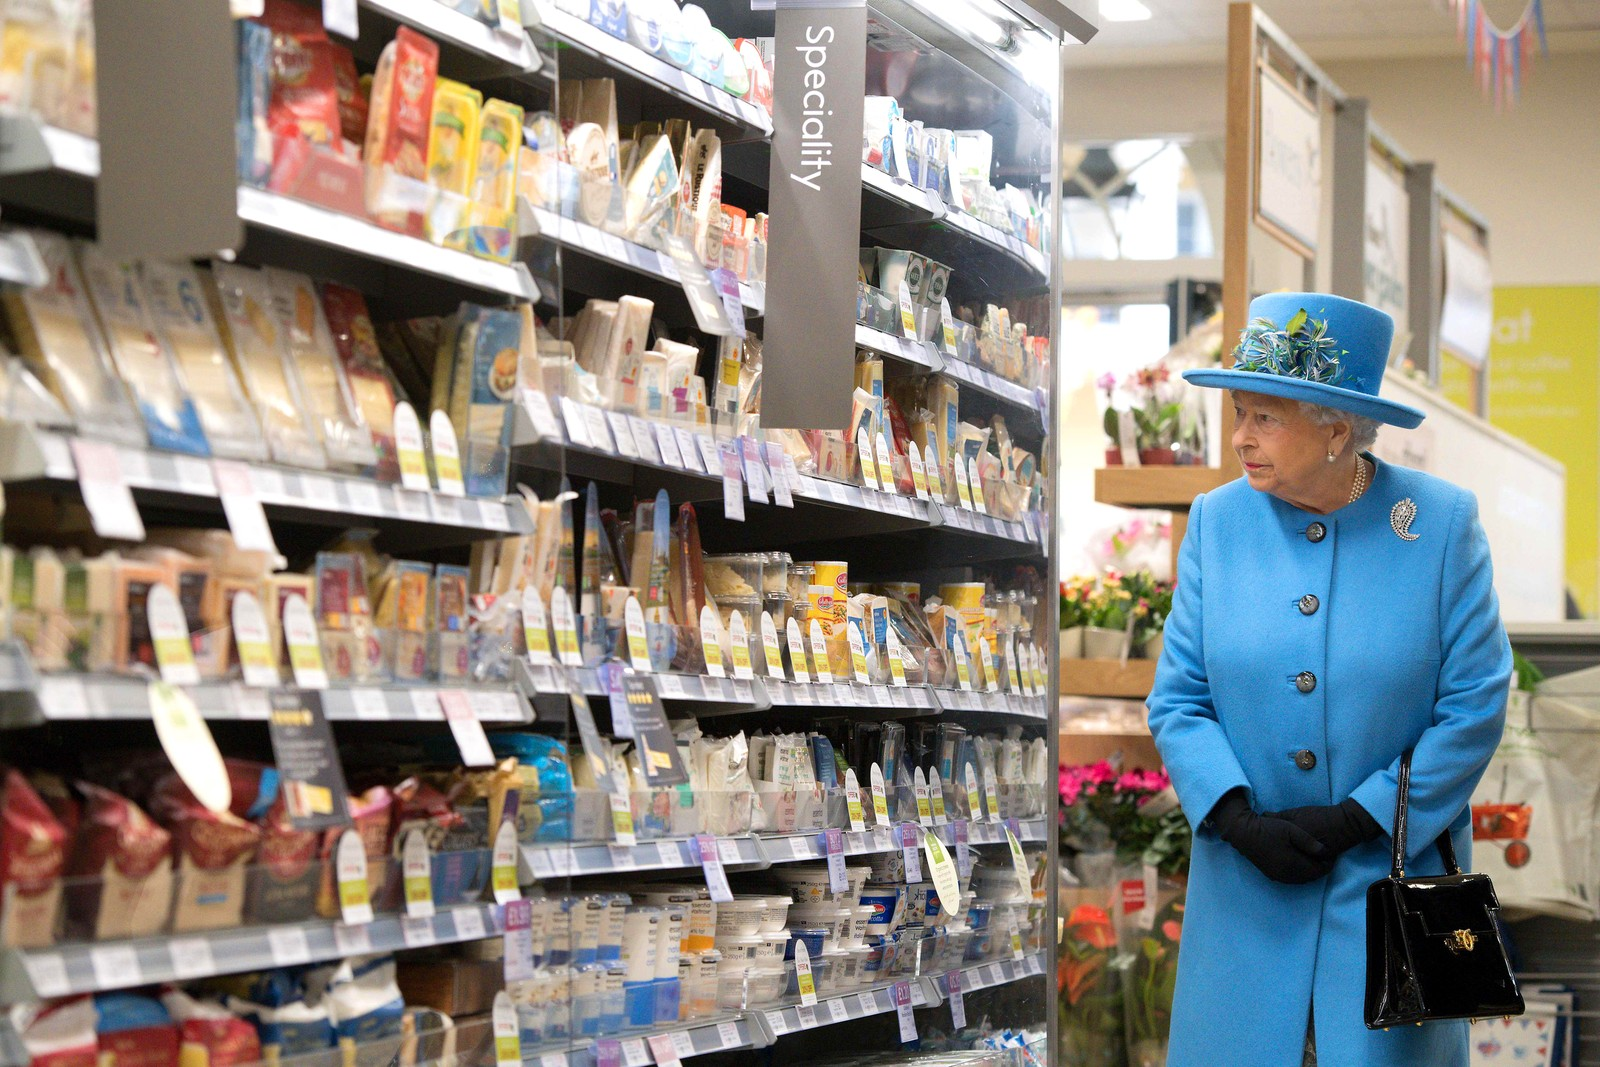 Dronning Elizabeth II er på besøk på supermarkedet Waitrose i Poundbury i England. Poundbury er en eksperimentell landsby bygget etter ideer av Prins Charles hvor man forsøker å utfordre etterkrigens tanker om hva moderne byplanlegging er.